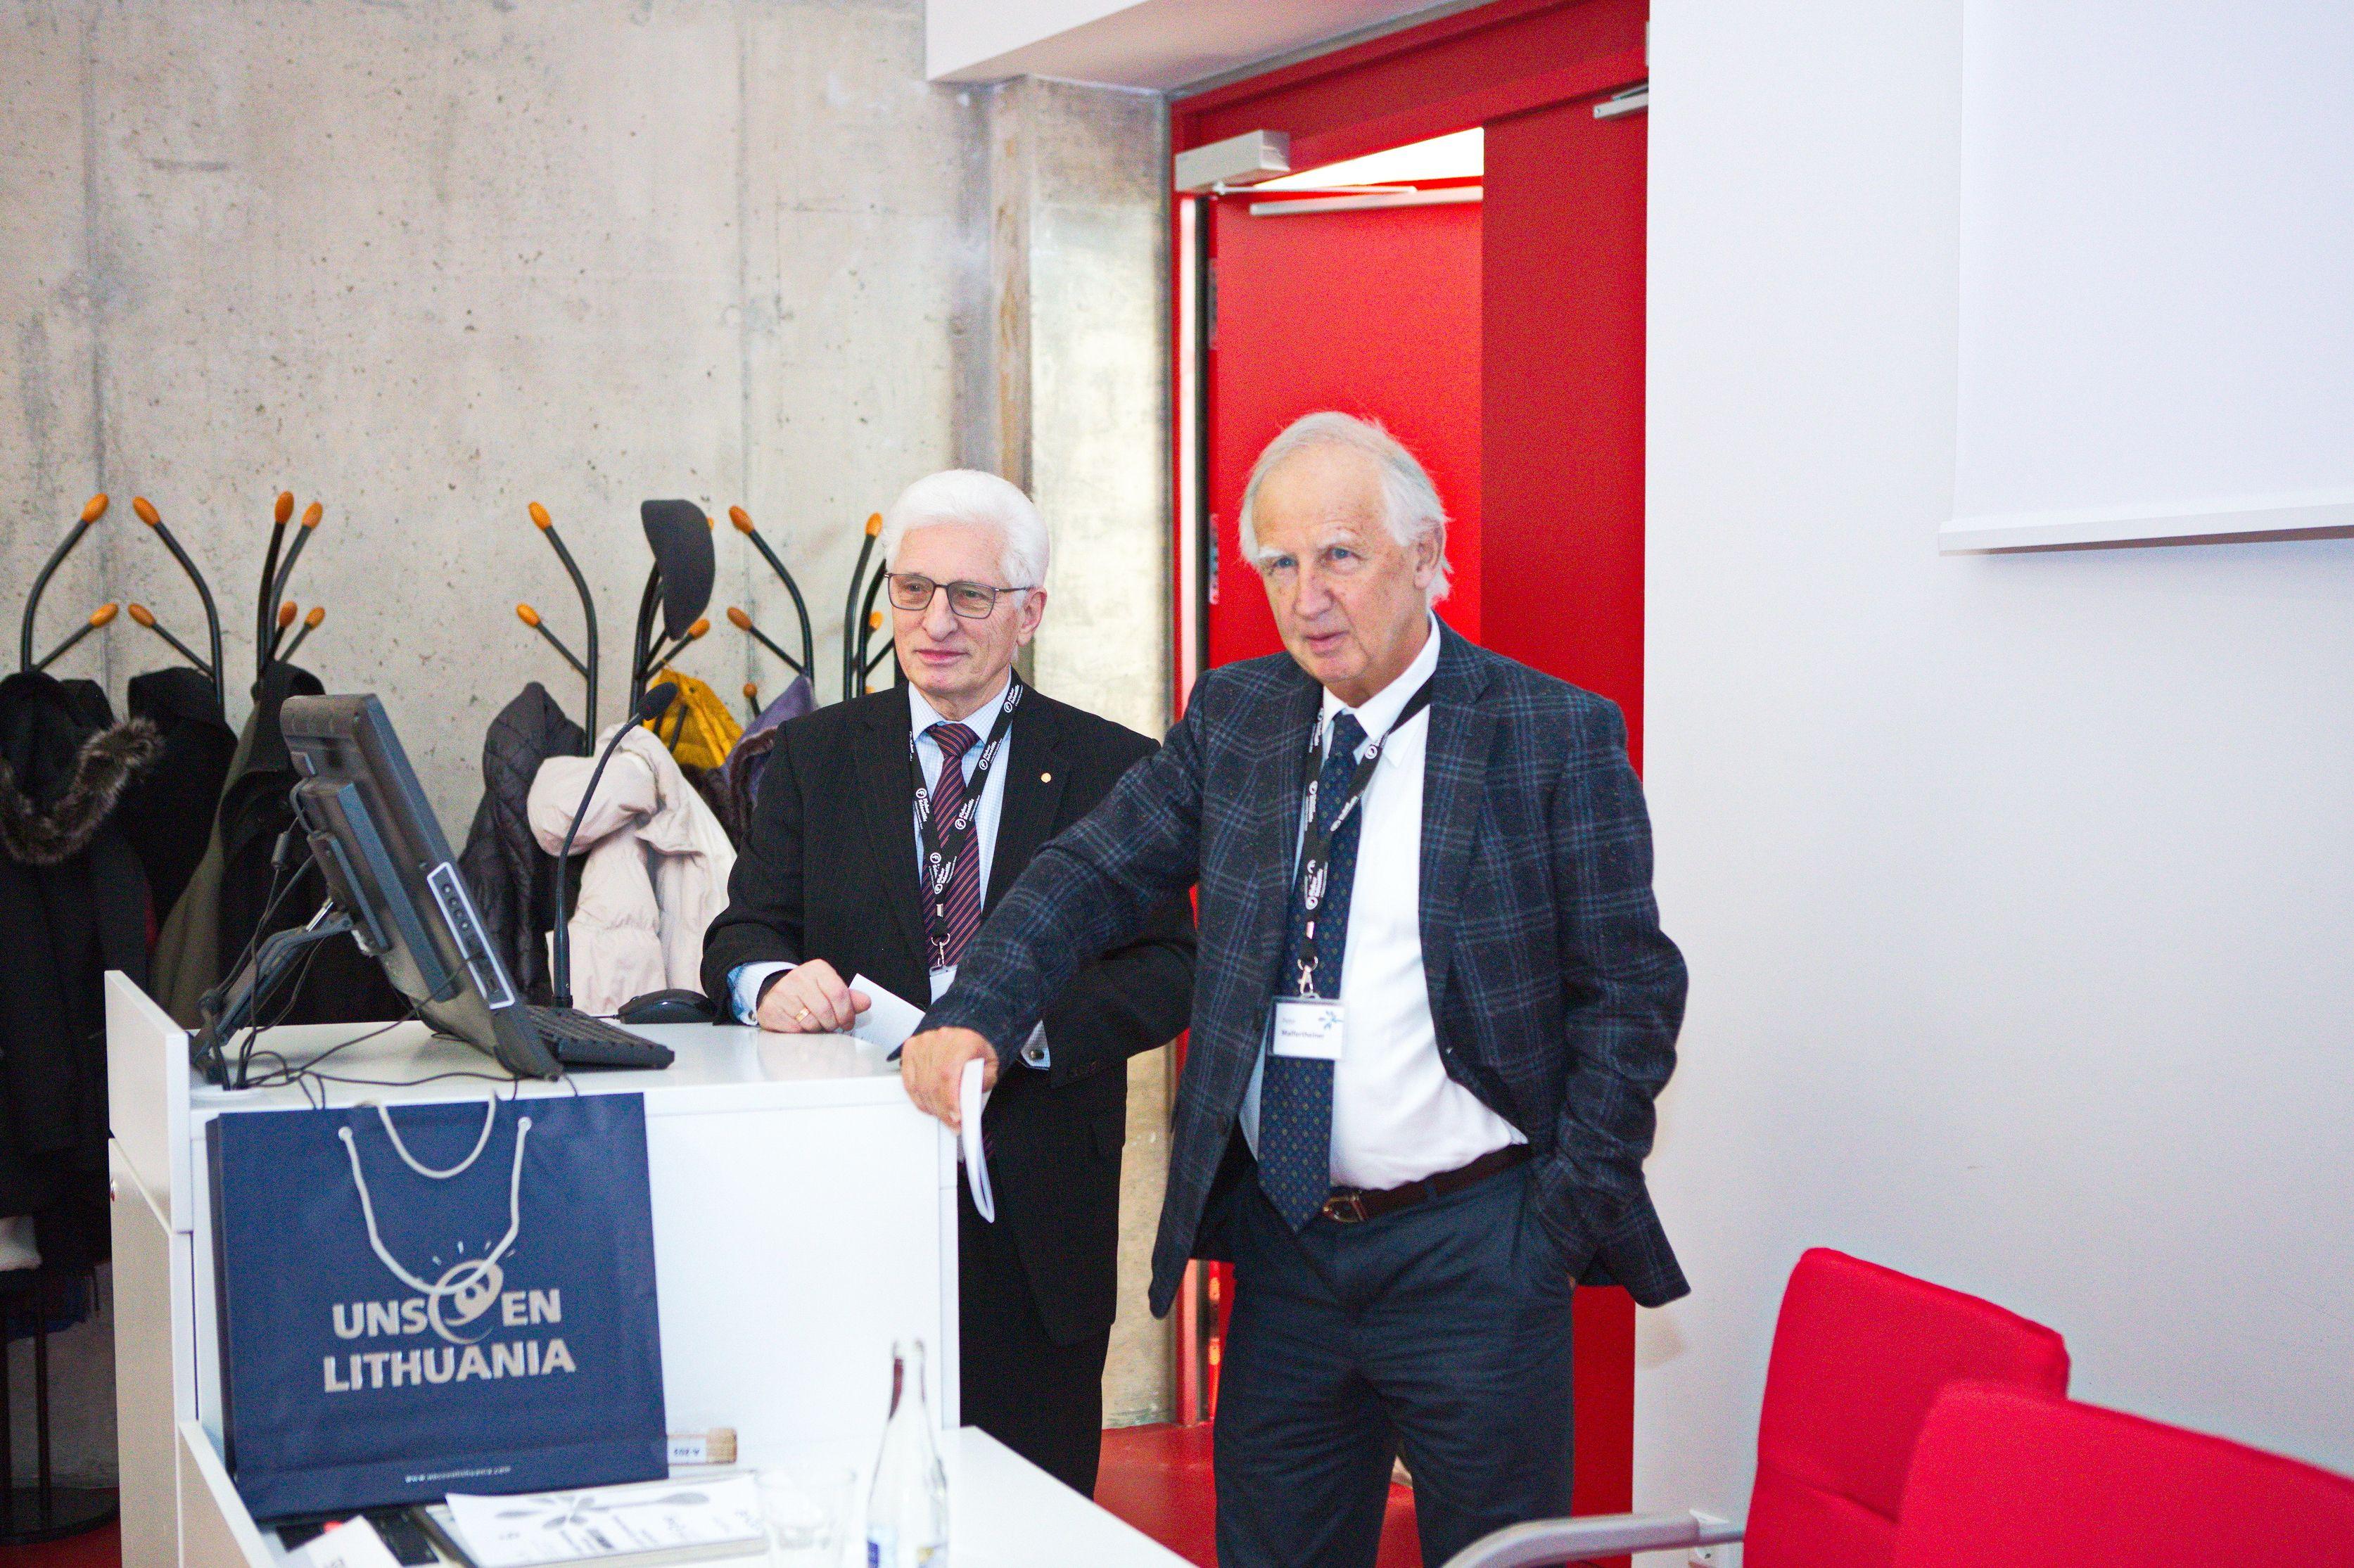 Iš kairės: Biologijos, medicinos ir geomokslų skyriaus primininkas akad. Vaidutis Kučinskas ir LMA užsienio narys prof. Peteris Malfertaineris | lma.lt nuotr.